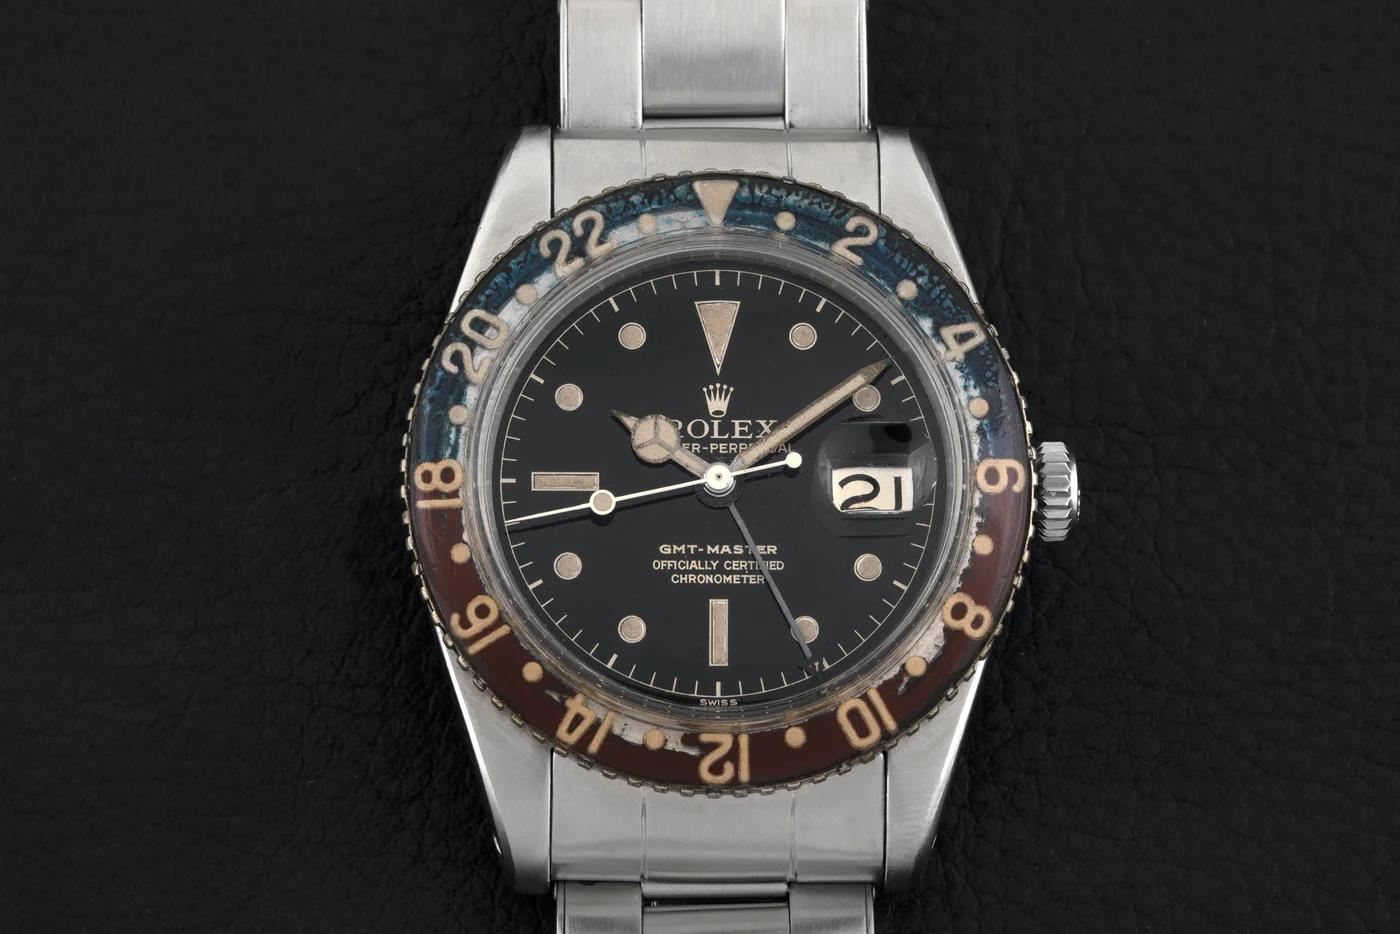 Photo de la première Rolex GMT-Master 6542, dont la lunette est usée